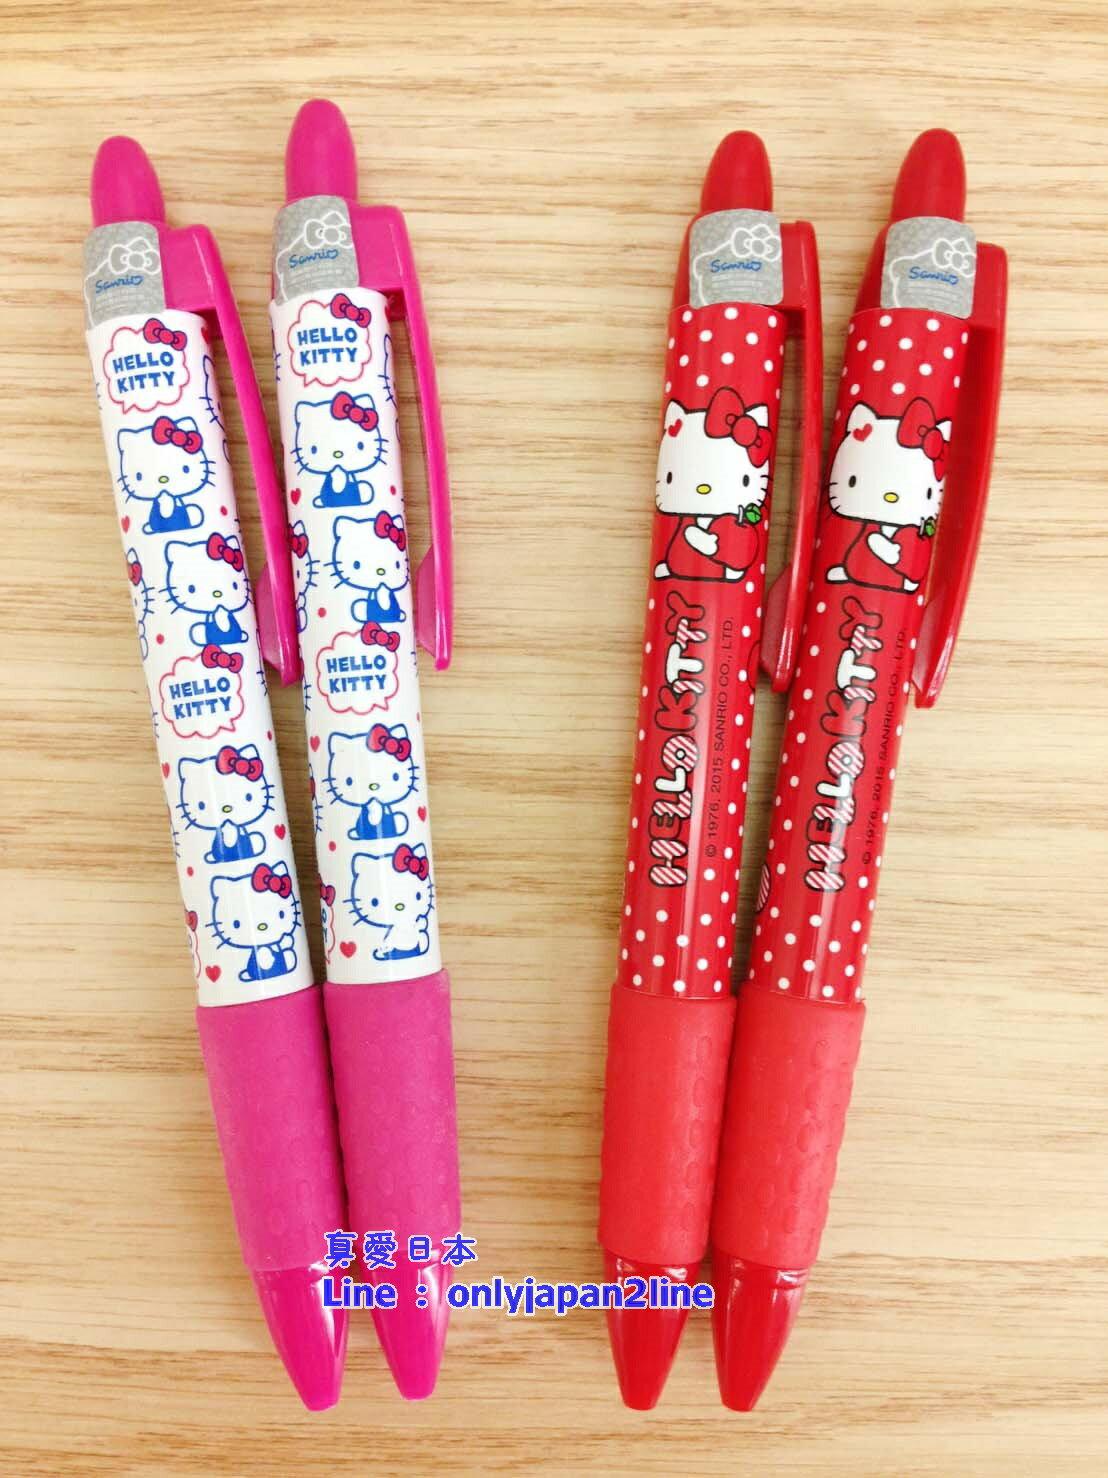 【真愛日本】160615000052入胖管膠套自動鉛筆-2款 三麗鷗 Hello Kitty 凱蒂貓 書寫 文具